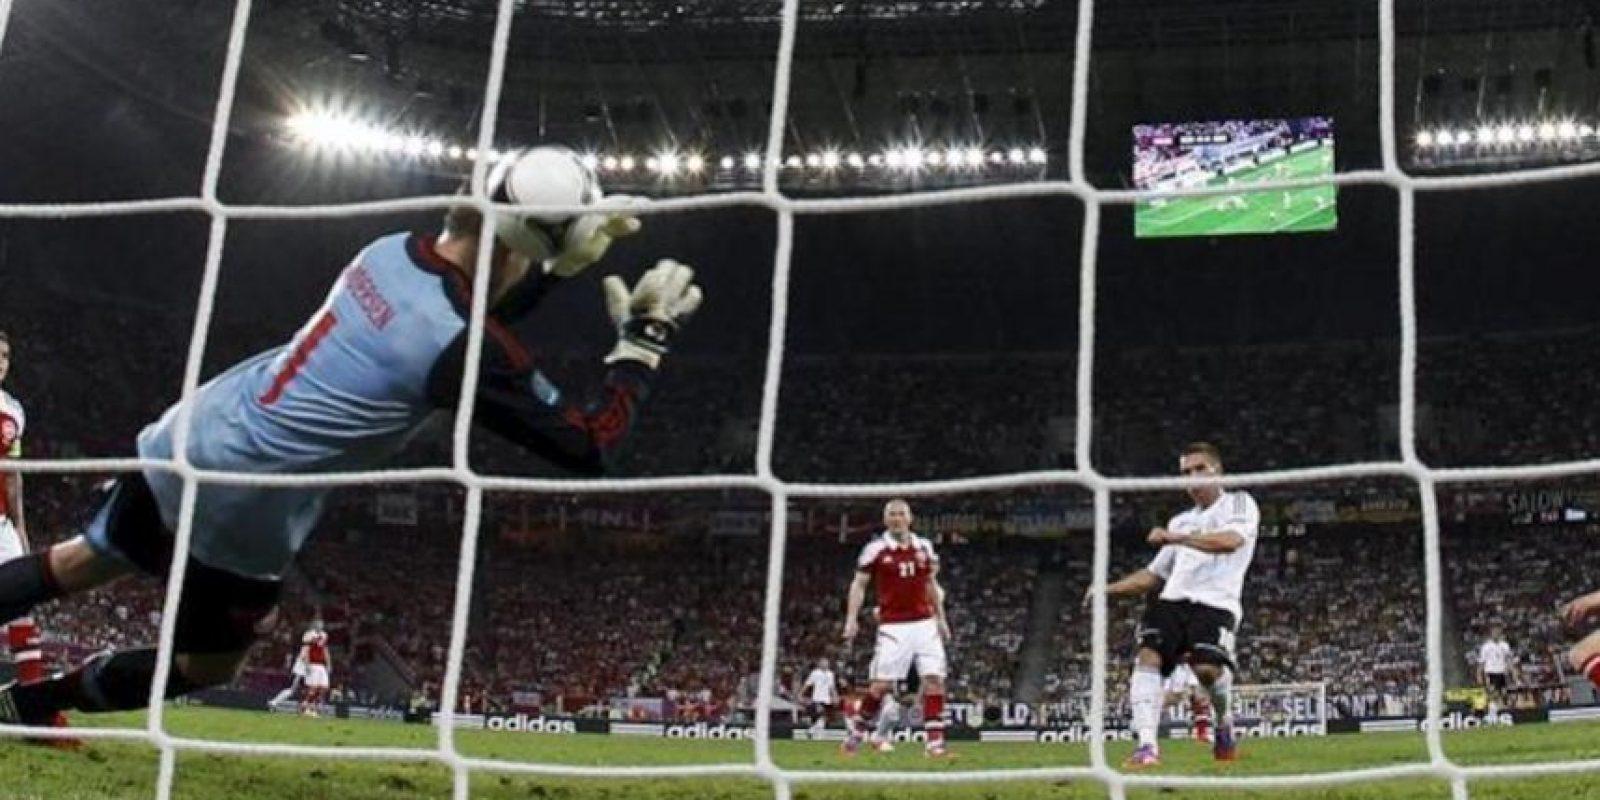 El jugador de Alemania Lukas Podolski (2 d) anota un gol ante Dinamarca durante el partido que les enfrentó por el grupo B de la Eurocopa 2012 en Lviv, Ucrania. EFE